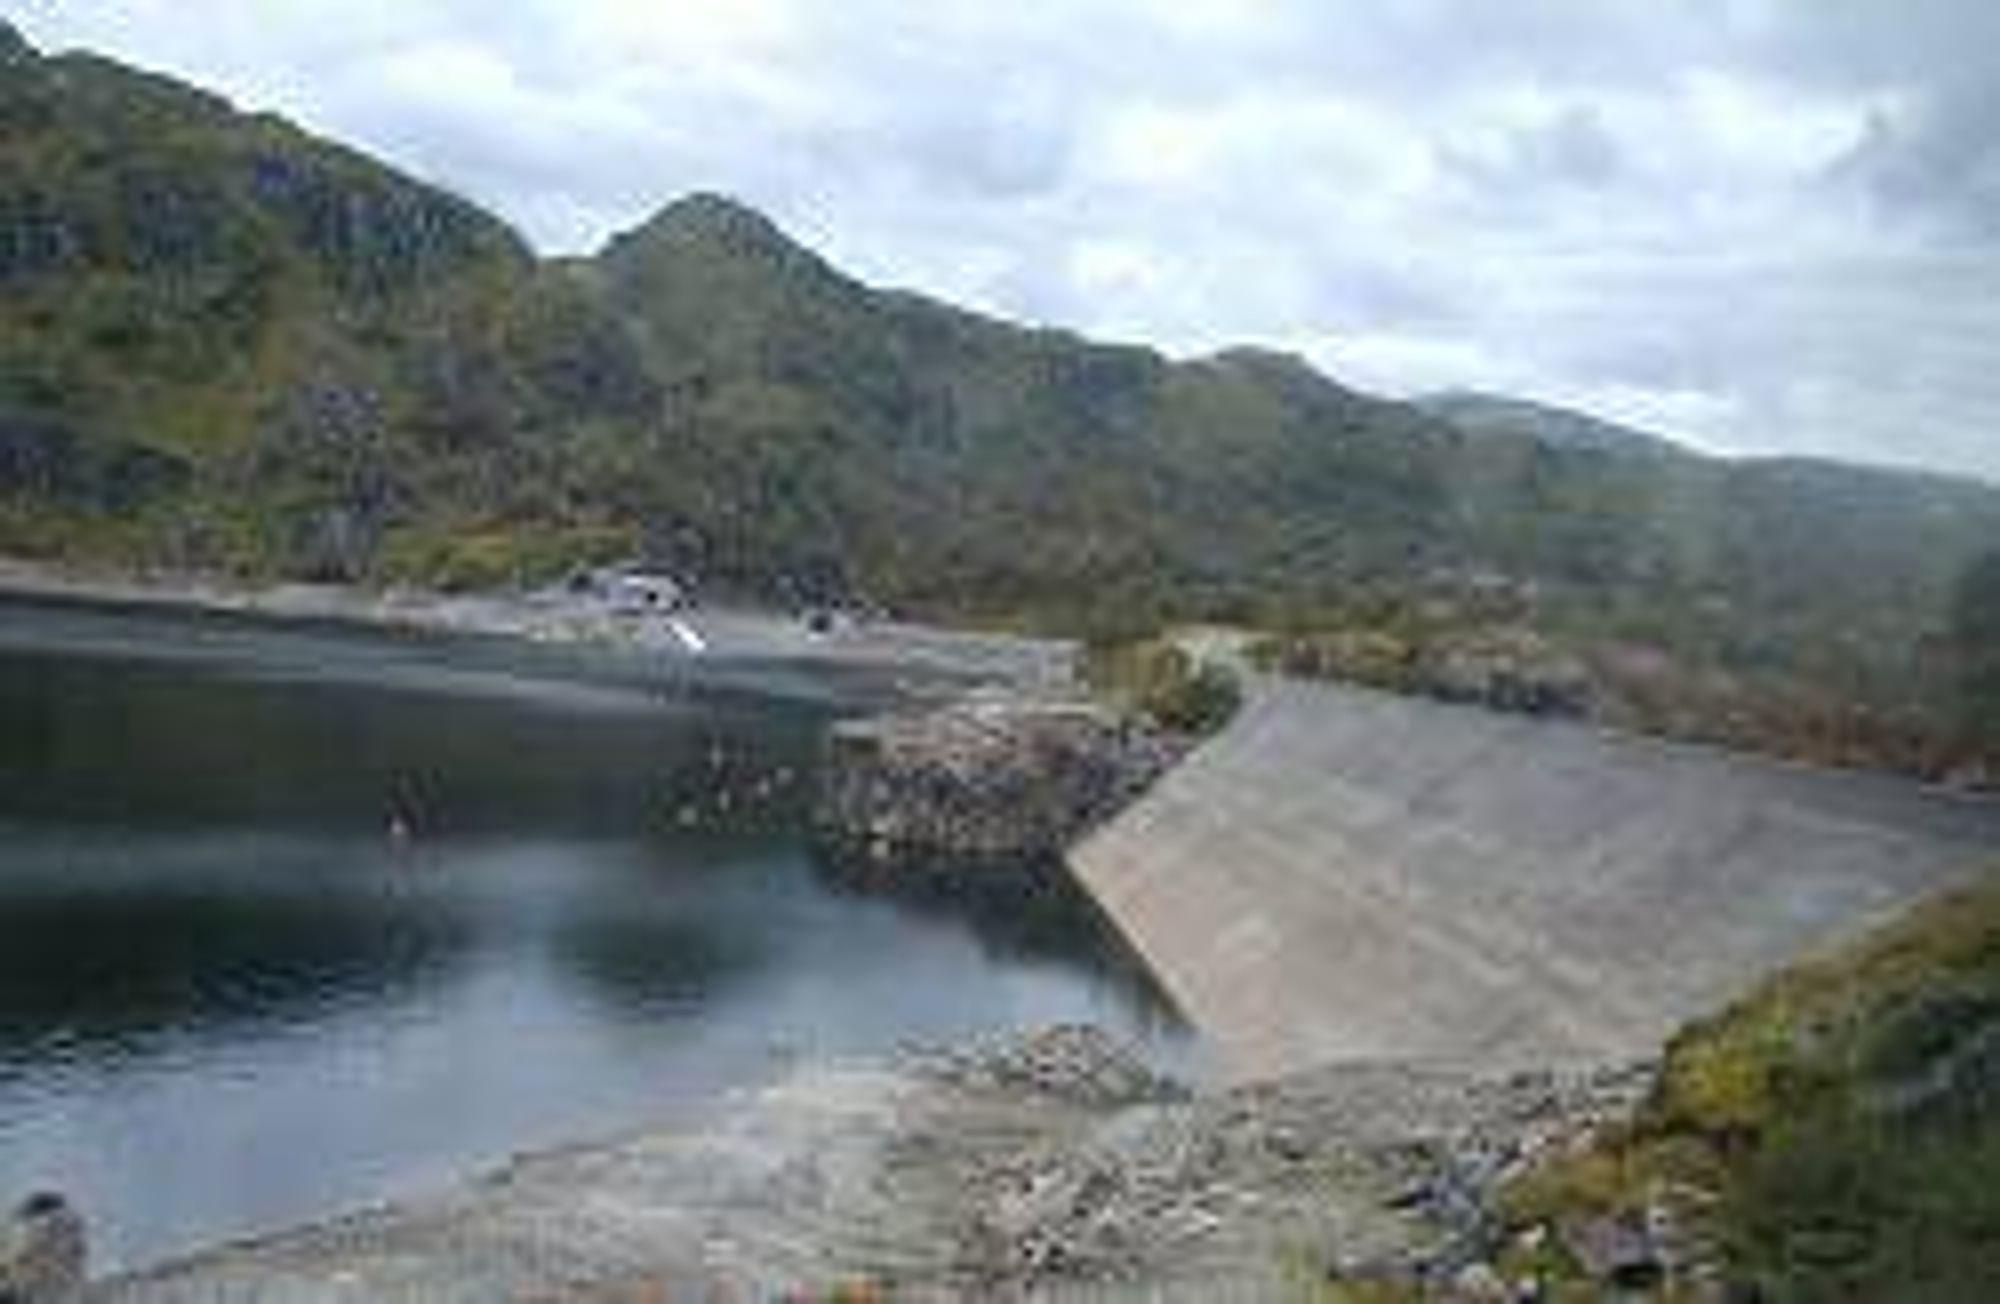 Hittil i år er vannkraftmagasinene fylt opp til 40 % av kapasiteten. Først når fyllingsgraden er oppe i godt over 80 prosent, er NVE fornøyd.